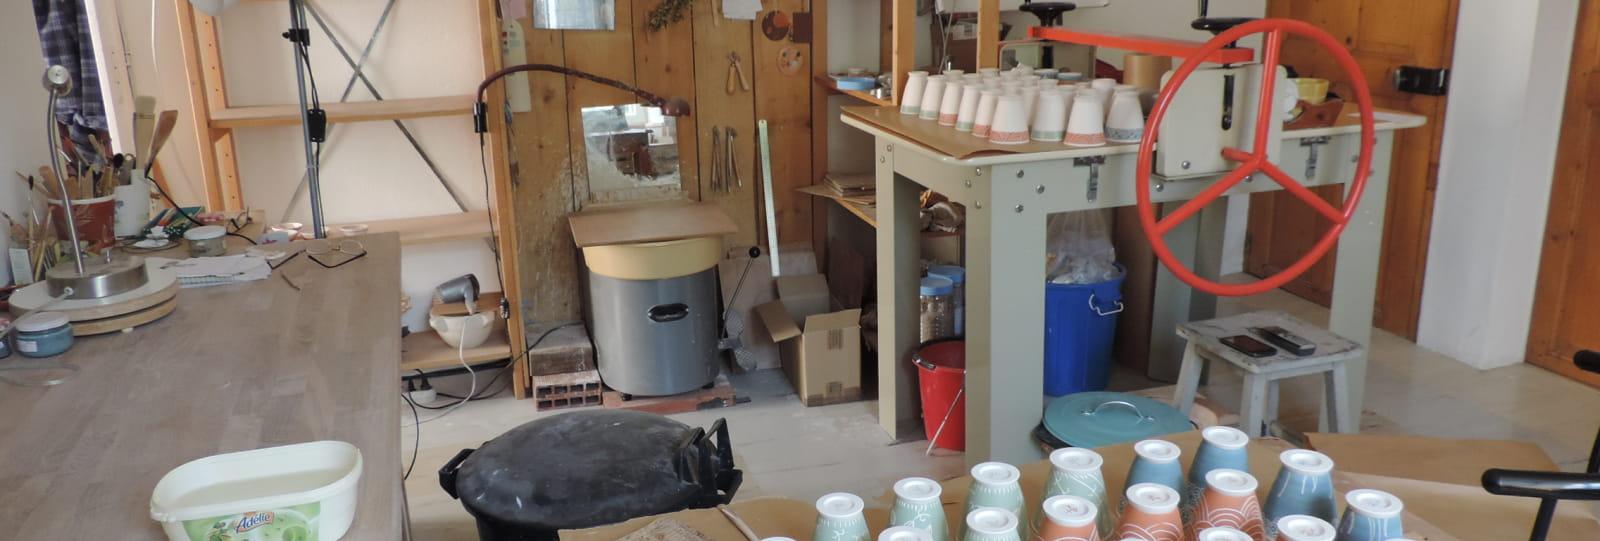 Cours de poterie -